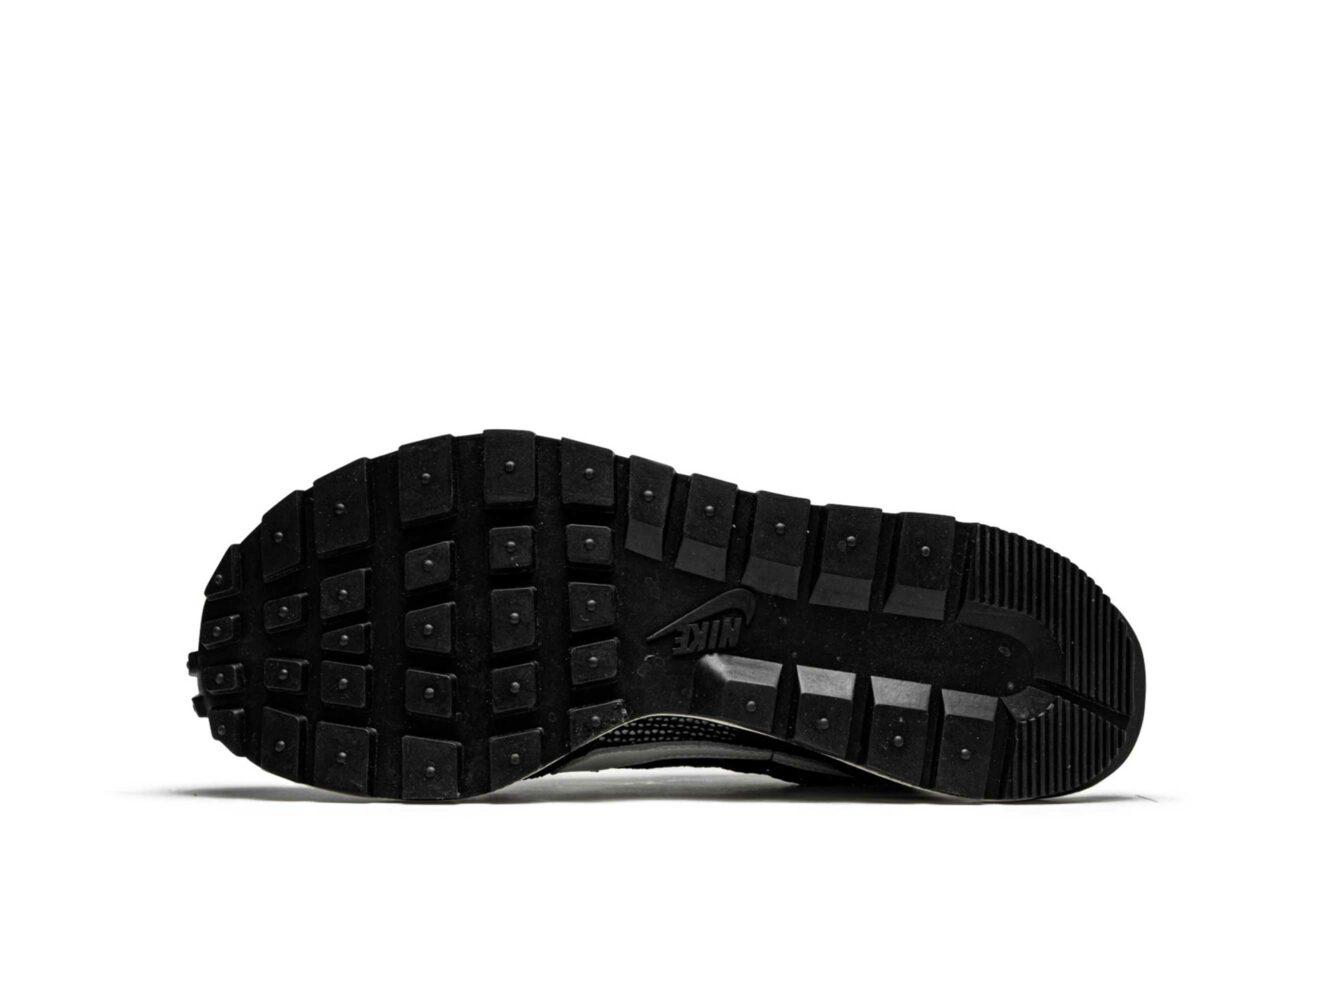 nike x sacai vaporwaffle black white CV1363_001 купить